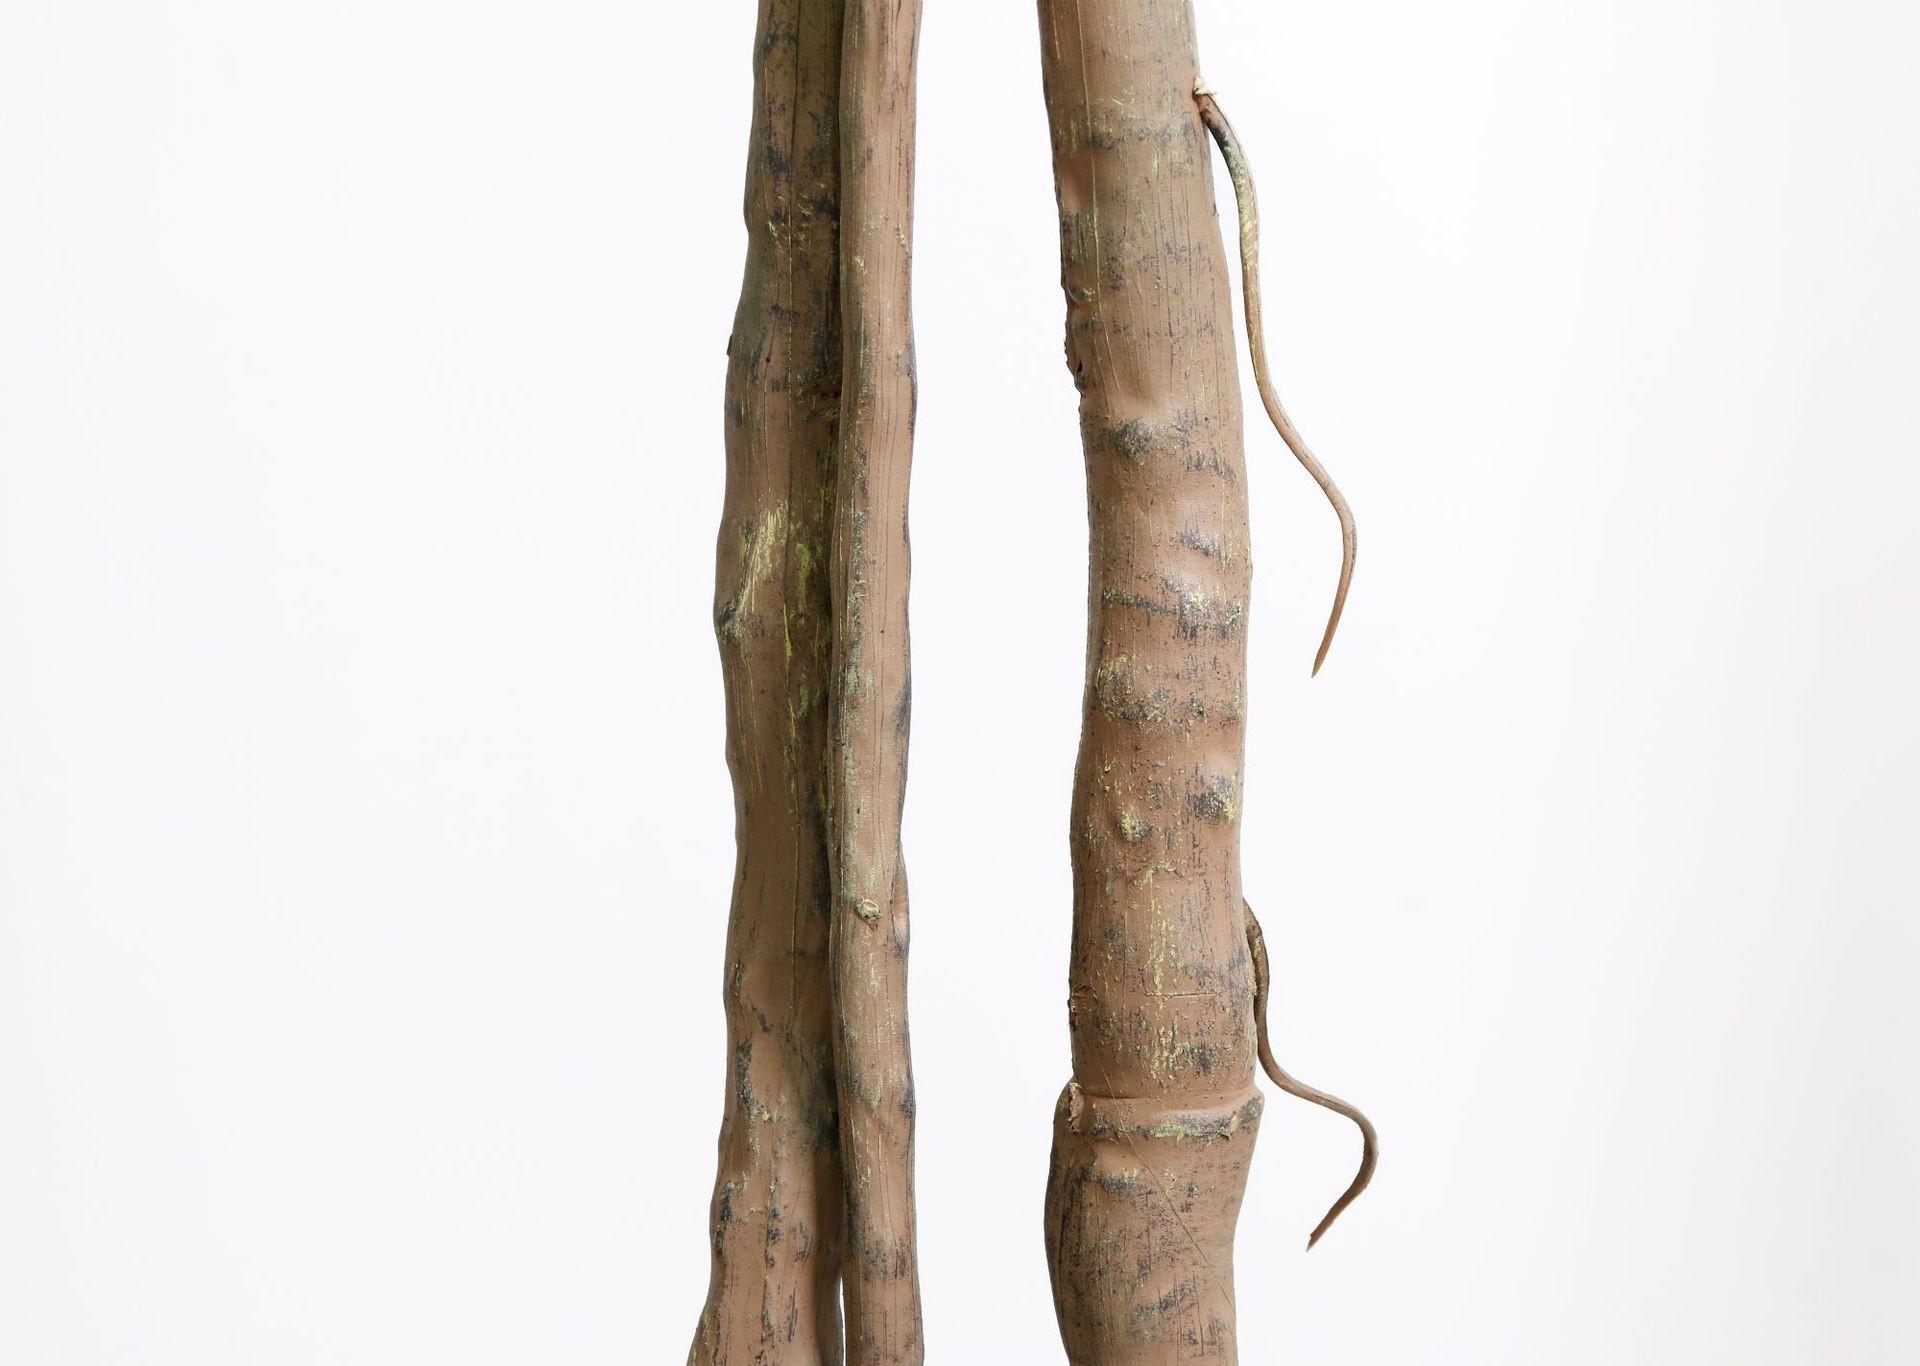 Phần thân cây được làm chi tiết với những đường nét gồ ghề